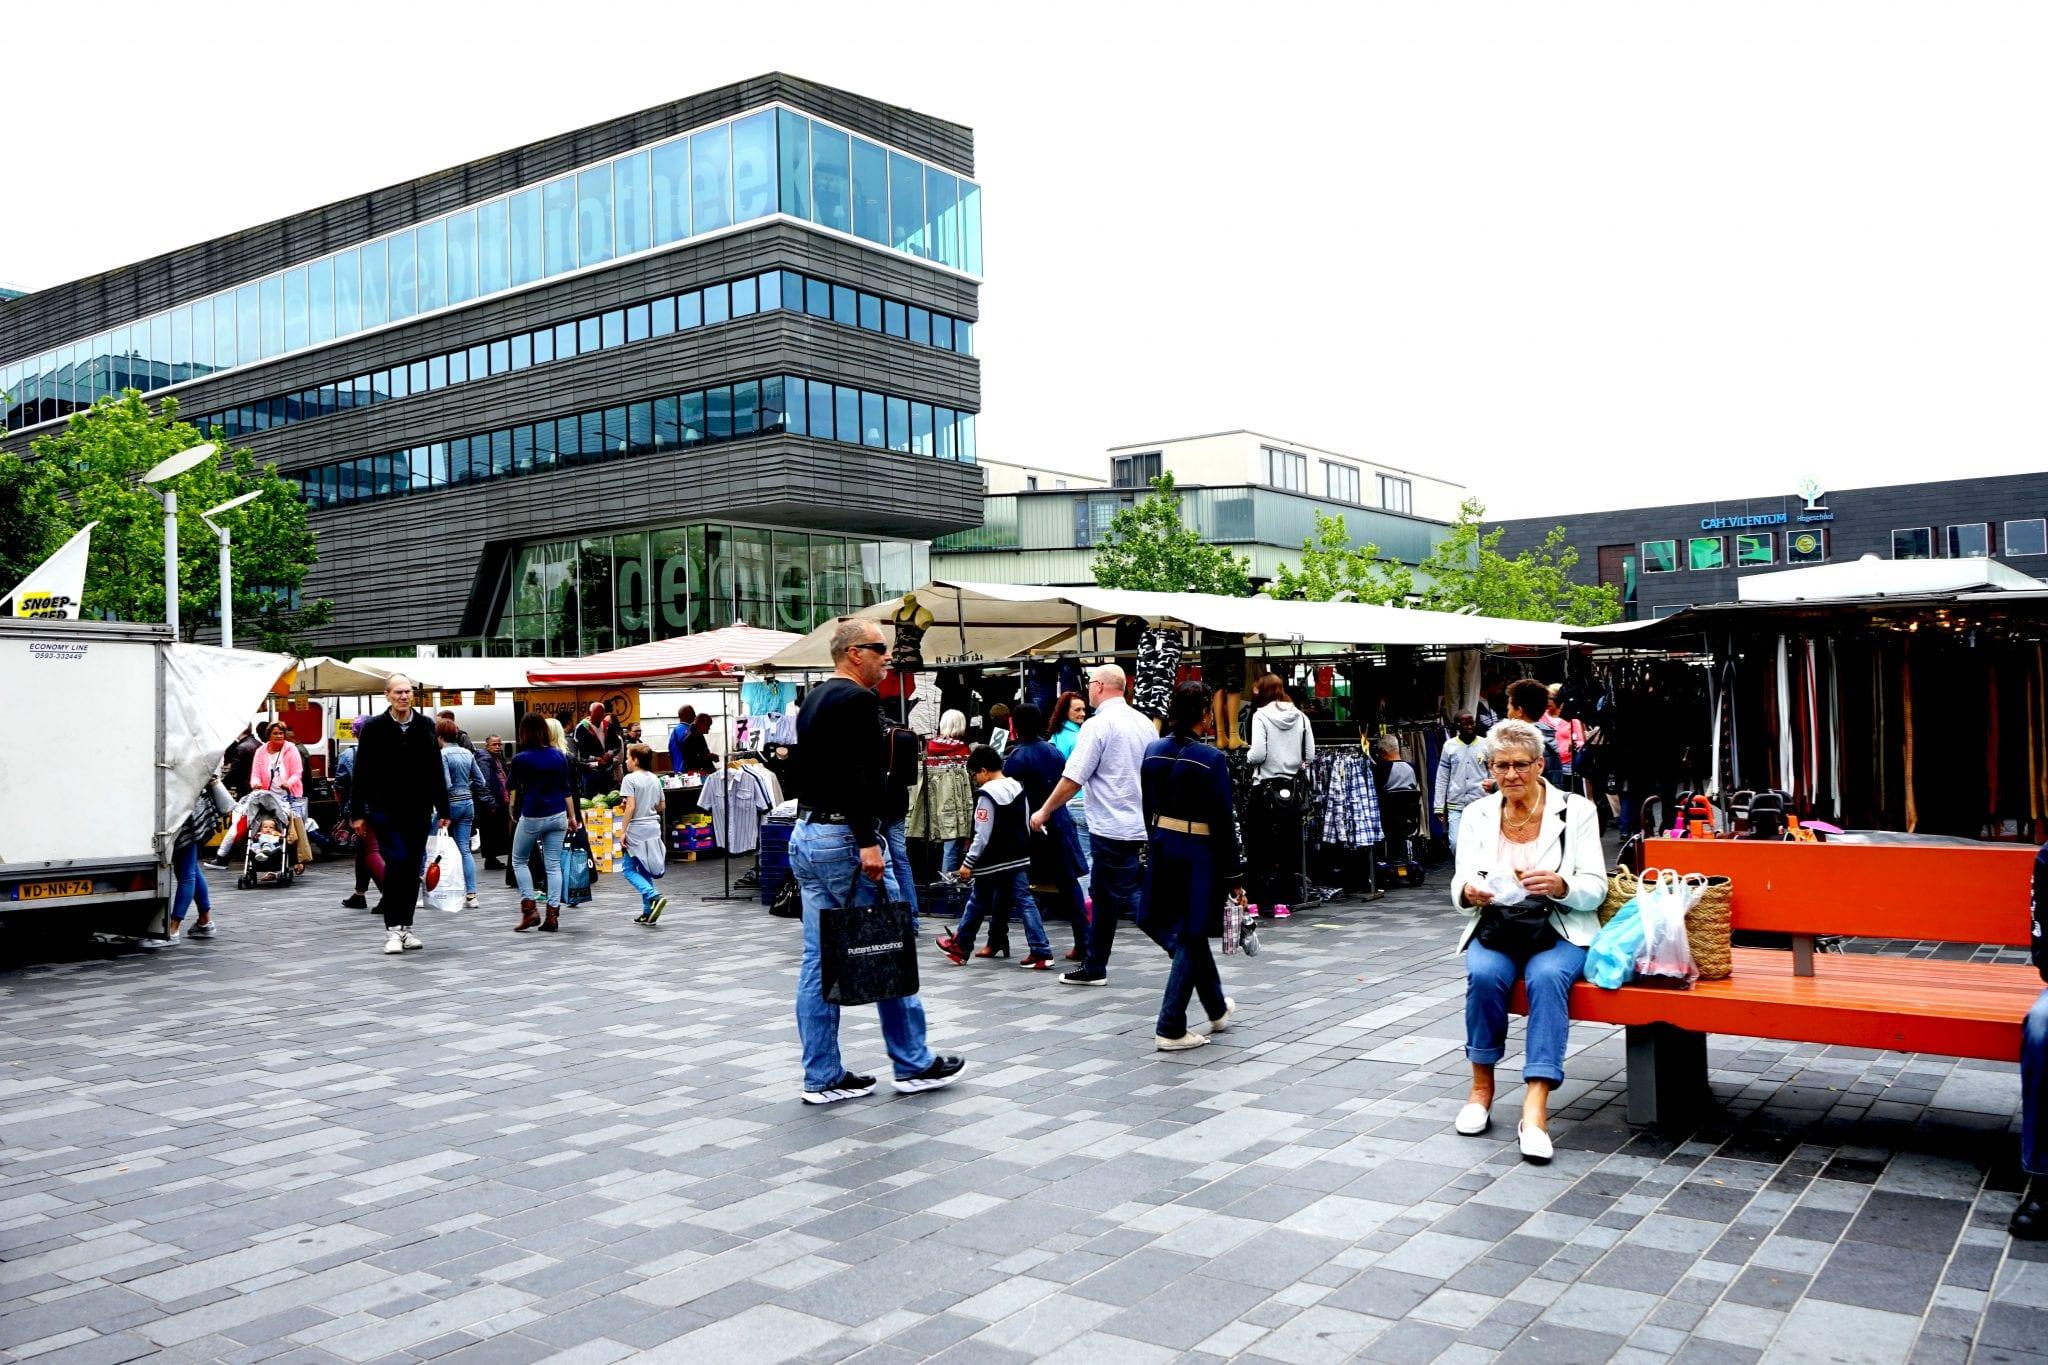 Woensdag markt Stadhuisplein en Stadhuispromenade in ... Chagallweg 10 Almere